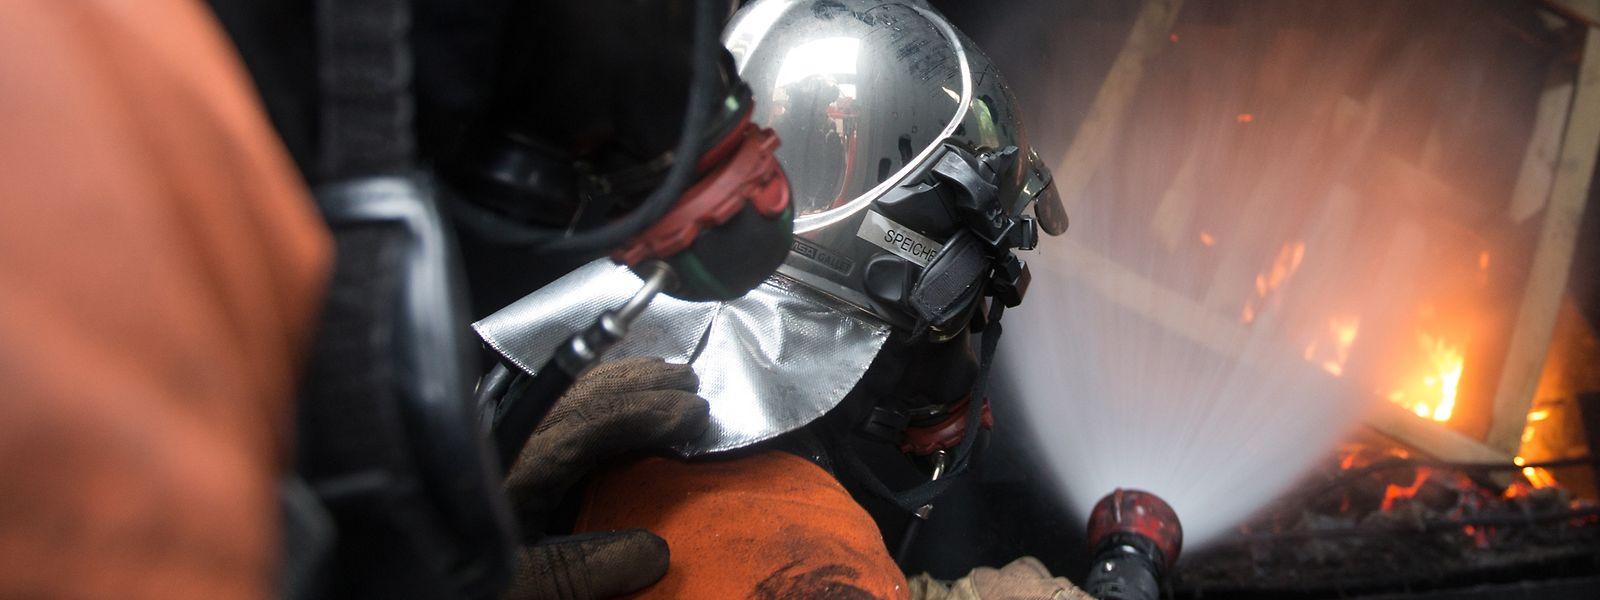 Eine der großen Herausforderungen ist die Ausbildung. Auf dem Bild zu sehen ist ein Training auf der regionalen Atemschutz-Geräte-Träger-Ausbildungsanlage bei Wasserbillig.